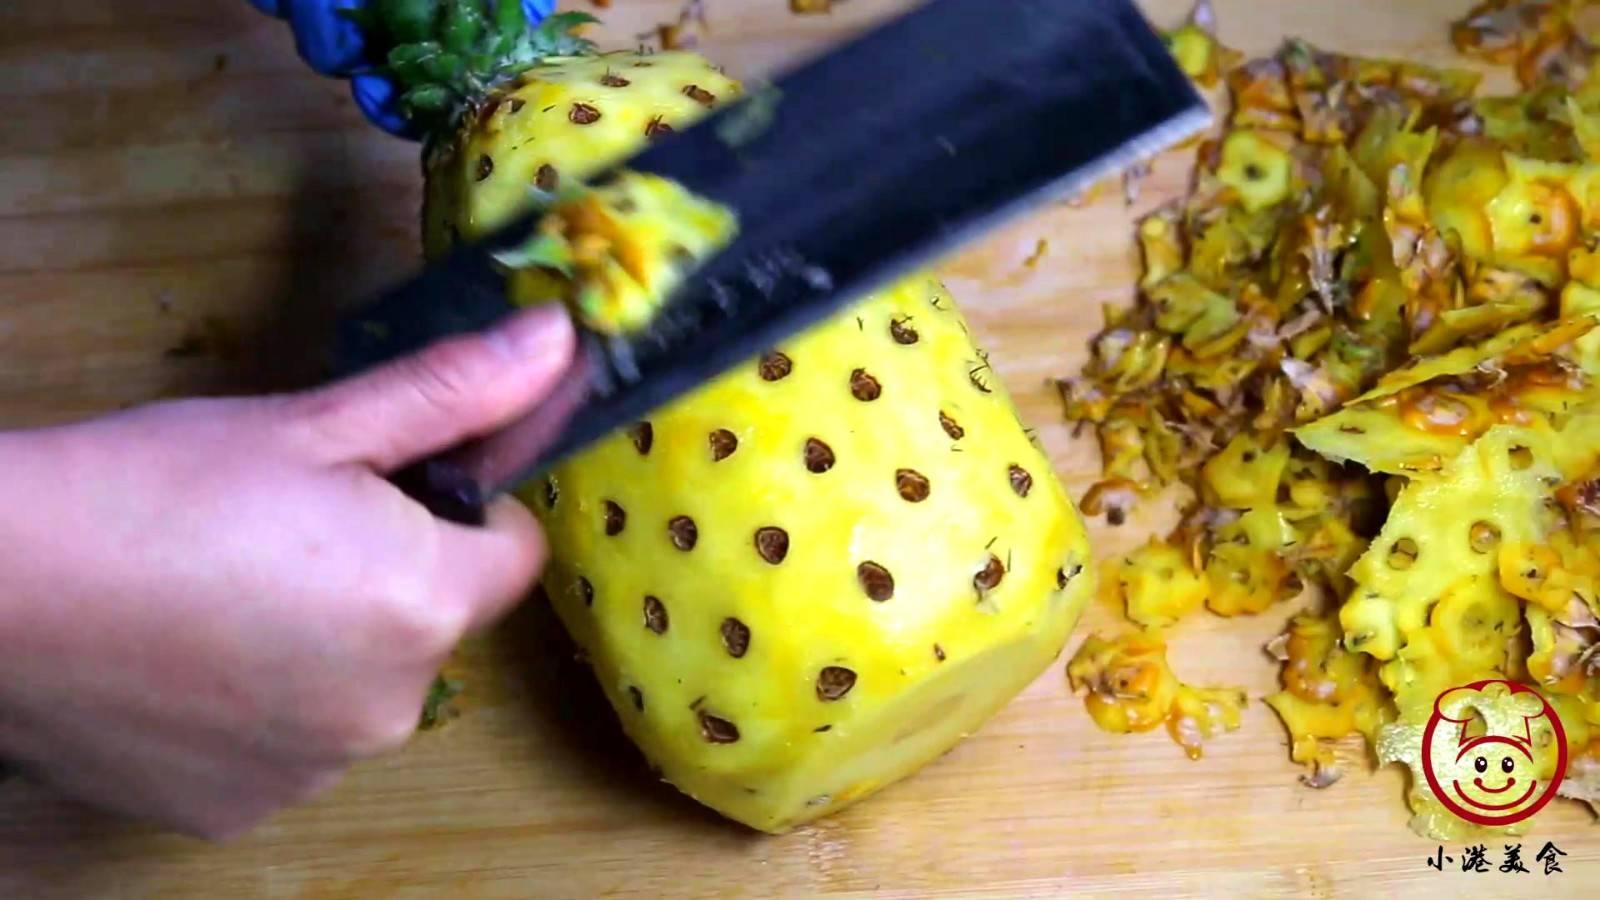 菠萝在家里怎么削皮(削菠萝有几种方法呢)插图(3)